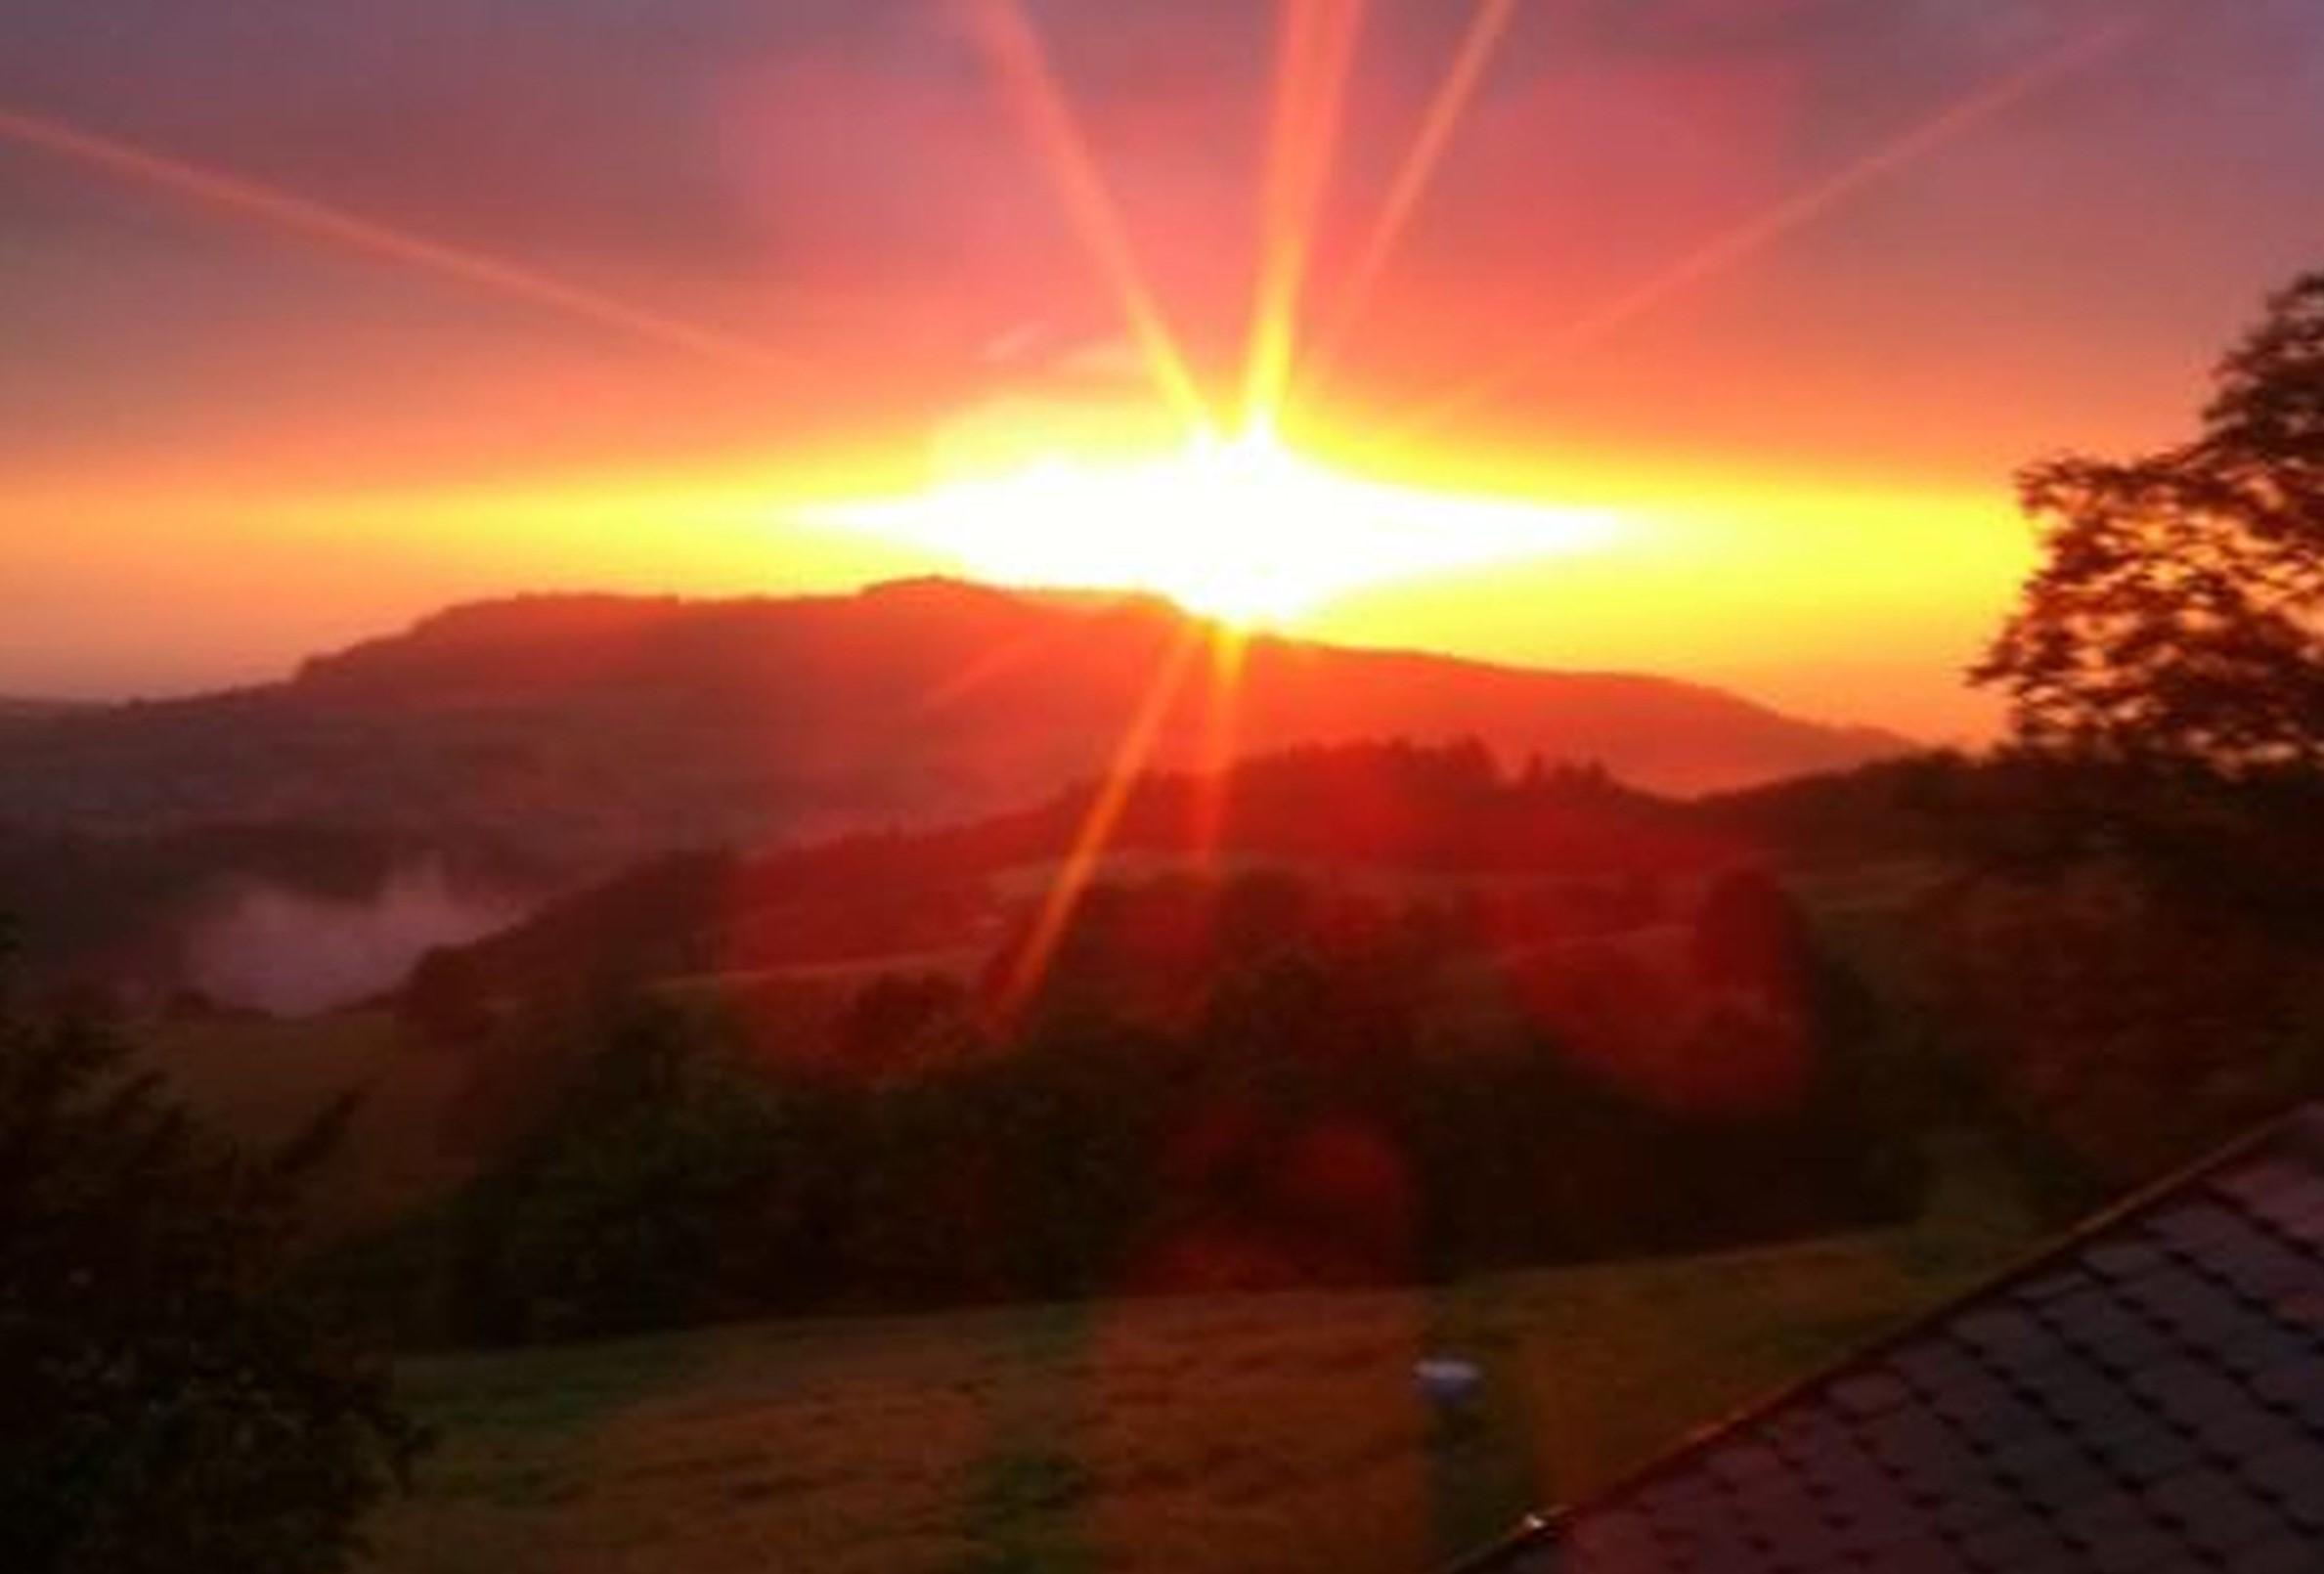 Ferienwohnung Panoramablick, (Horben). Nichtraucher-49qm, 1 Schlafraum, 1 Wohn-/Schlafraum, max. 3 Perso (2717405), Horben, Schwarzwald, Baden-Württemberg, Deutschland, Bild 5